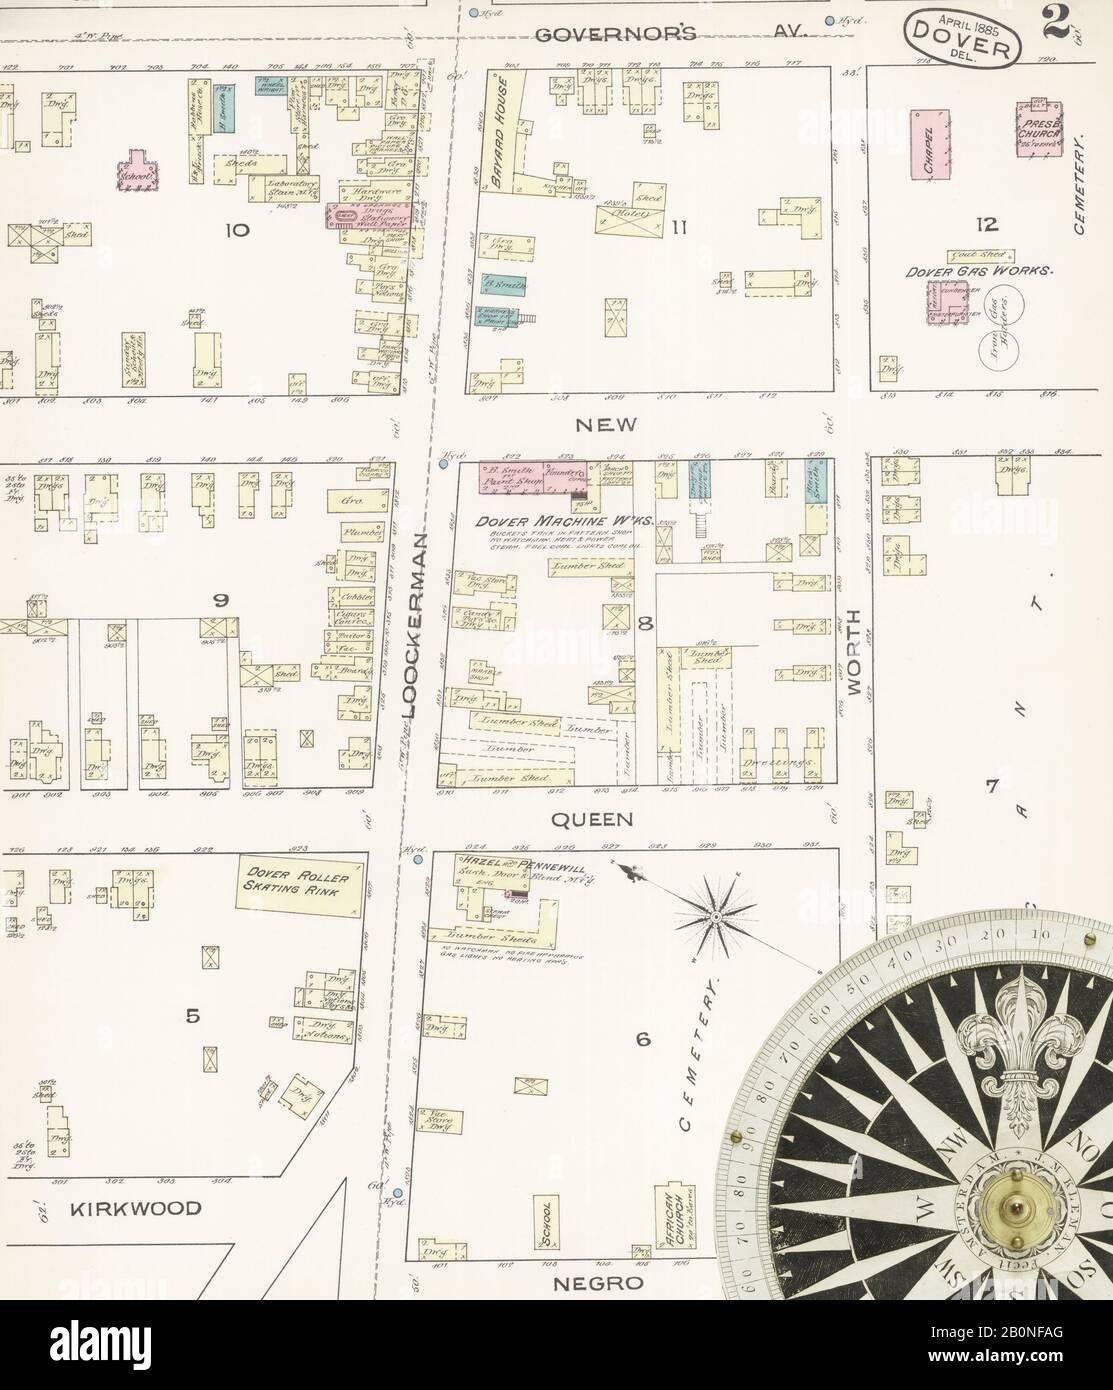 Bild 2 von Sanborn Fire Insurance Map aus Dover, Kent County, Delaware. Apr. 1885. 4 Blatt(e), Amerika, Straßenkarte mit einem Kompass Aus Dem 19. Jahrhundert Stockfoto